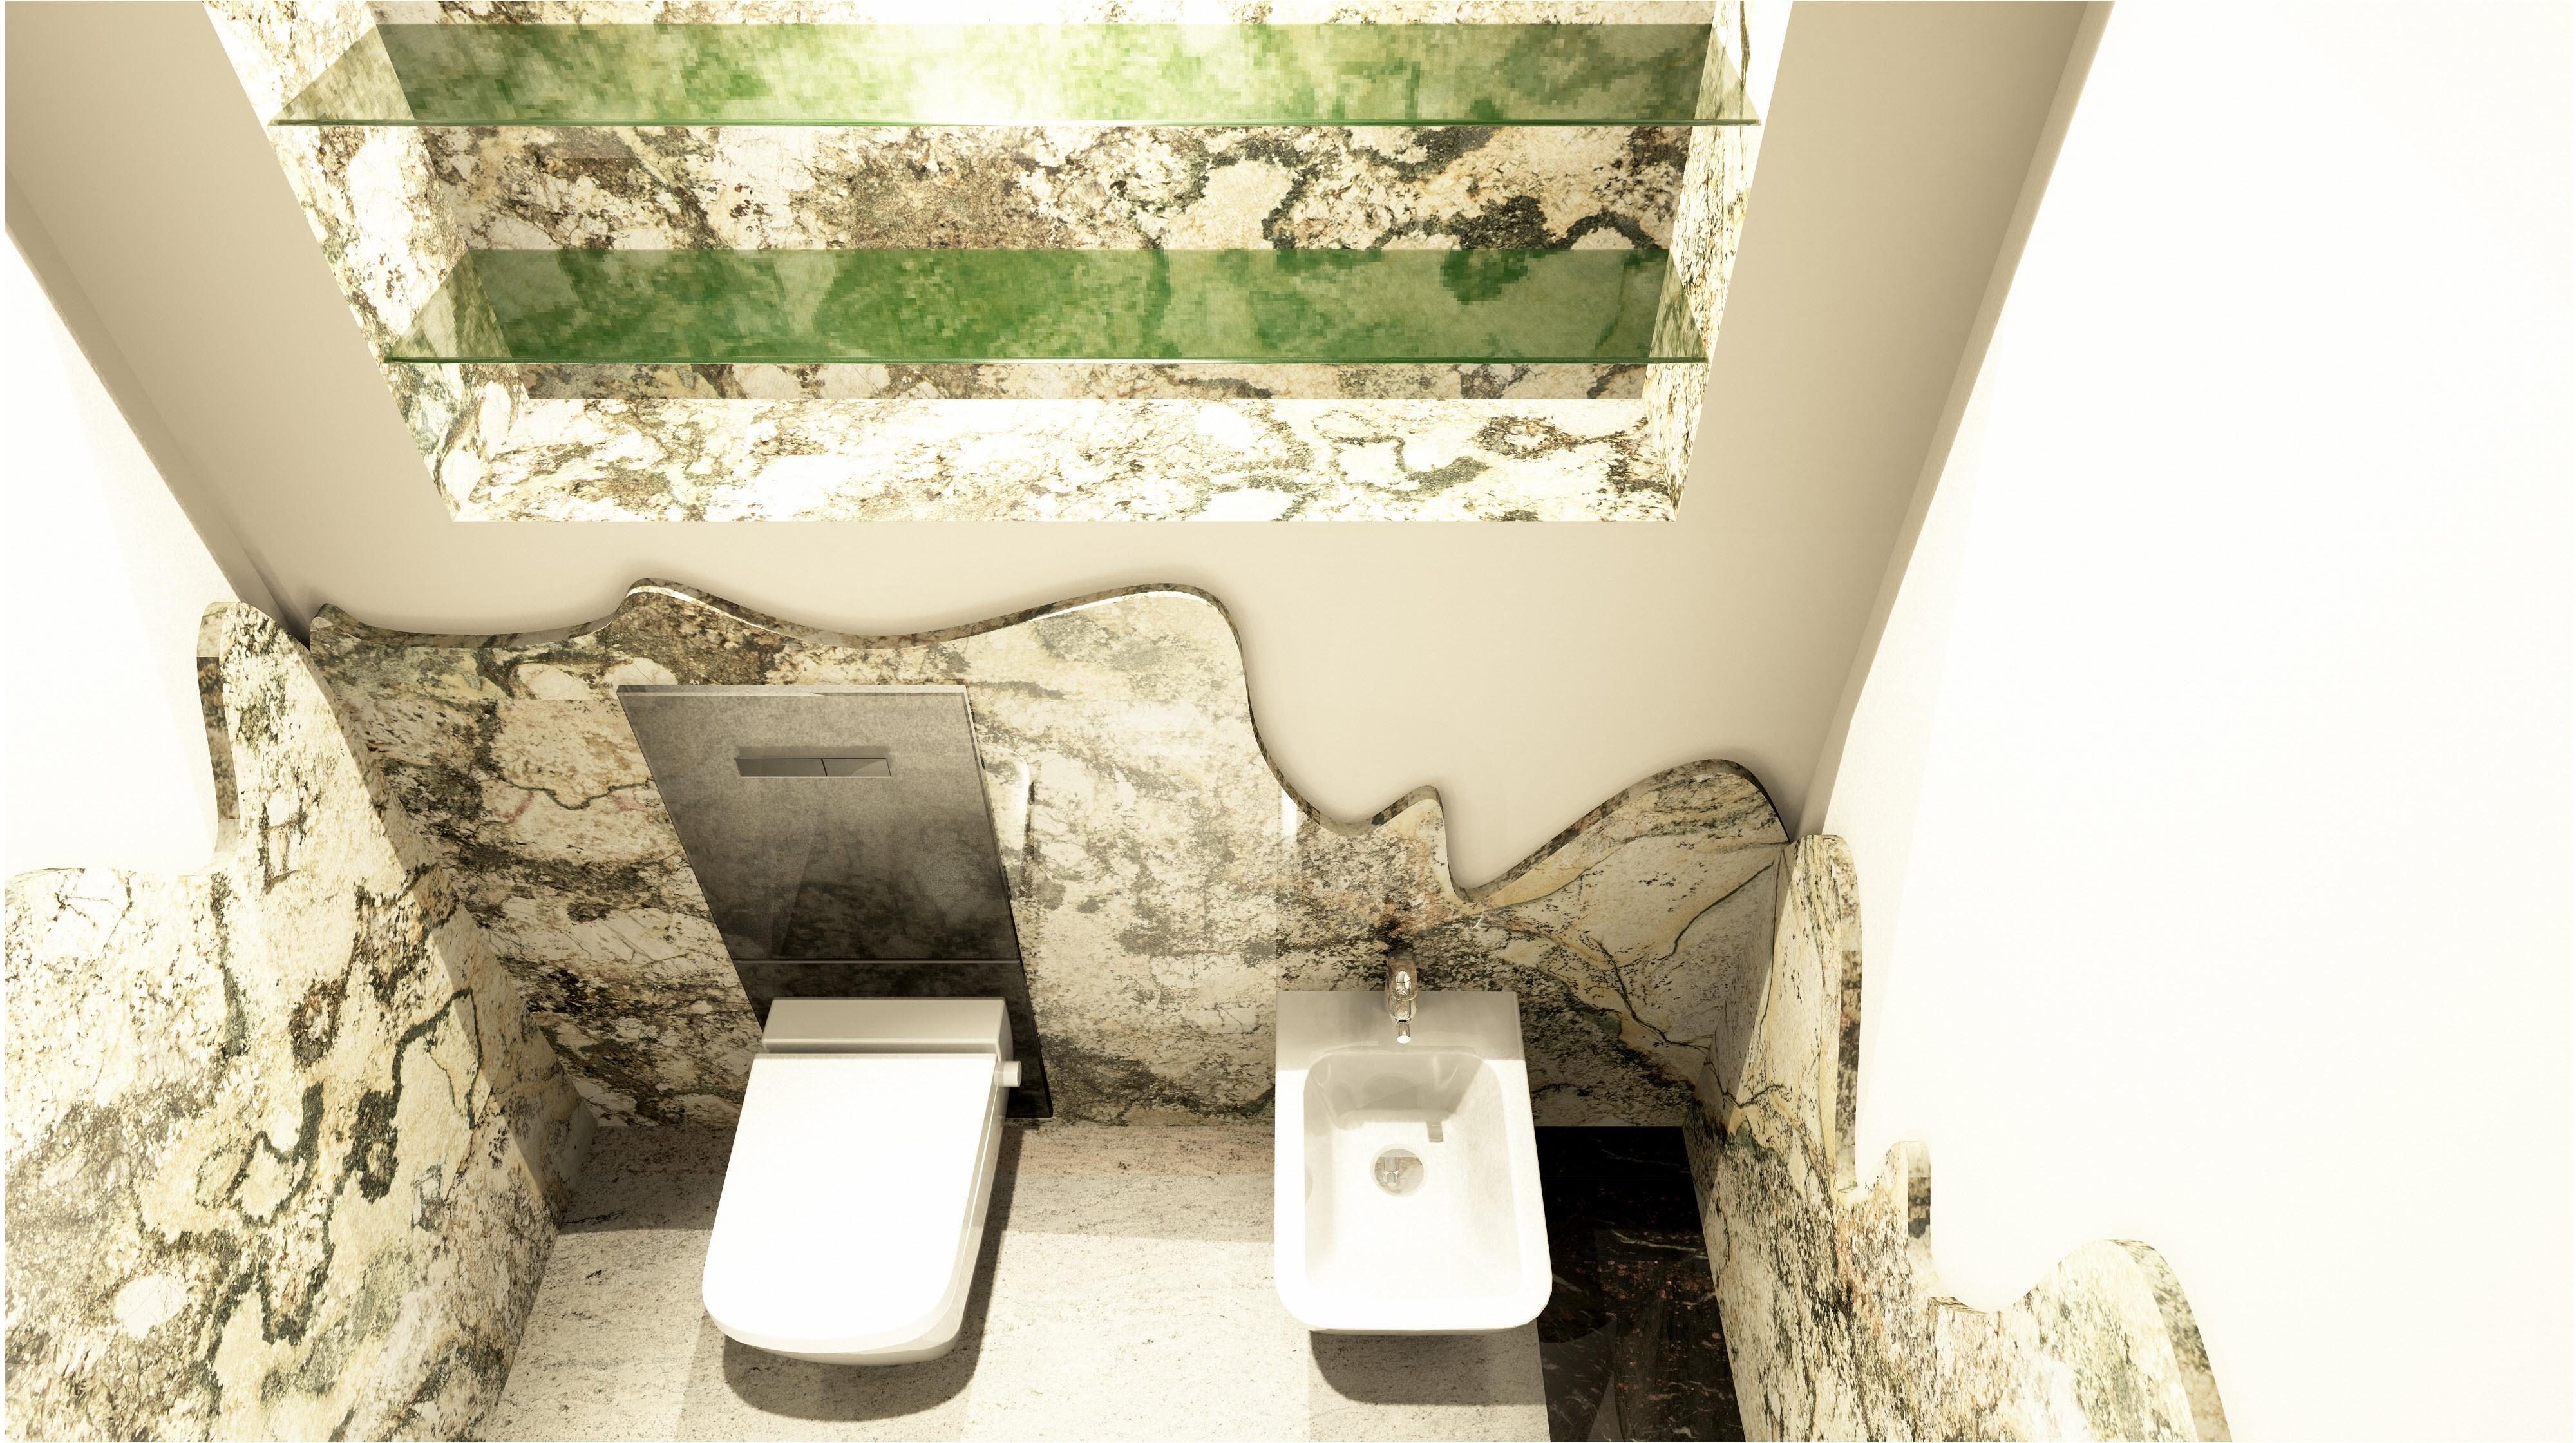 Naturstein WC Bidet Bereich Mit Lichteffekte #natursteinbad ©3D Riedus  Visuality GbR